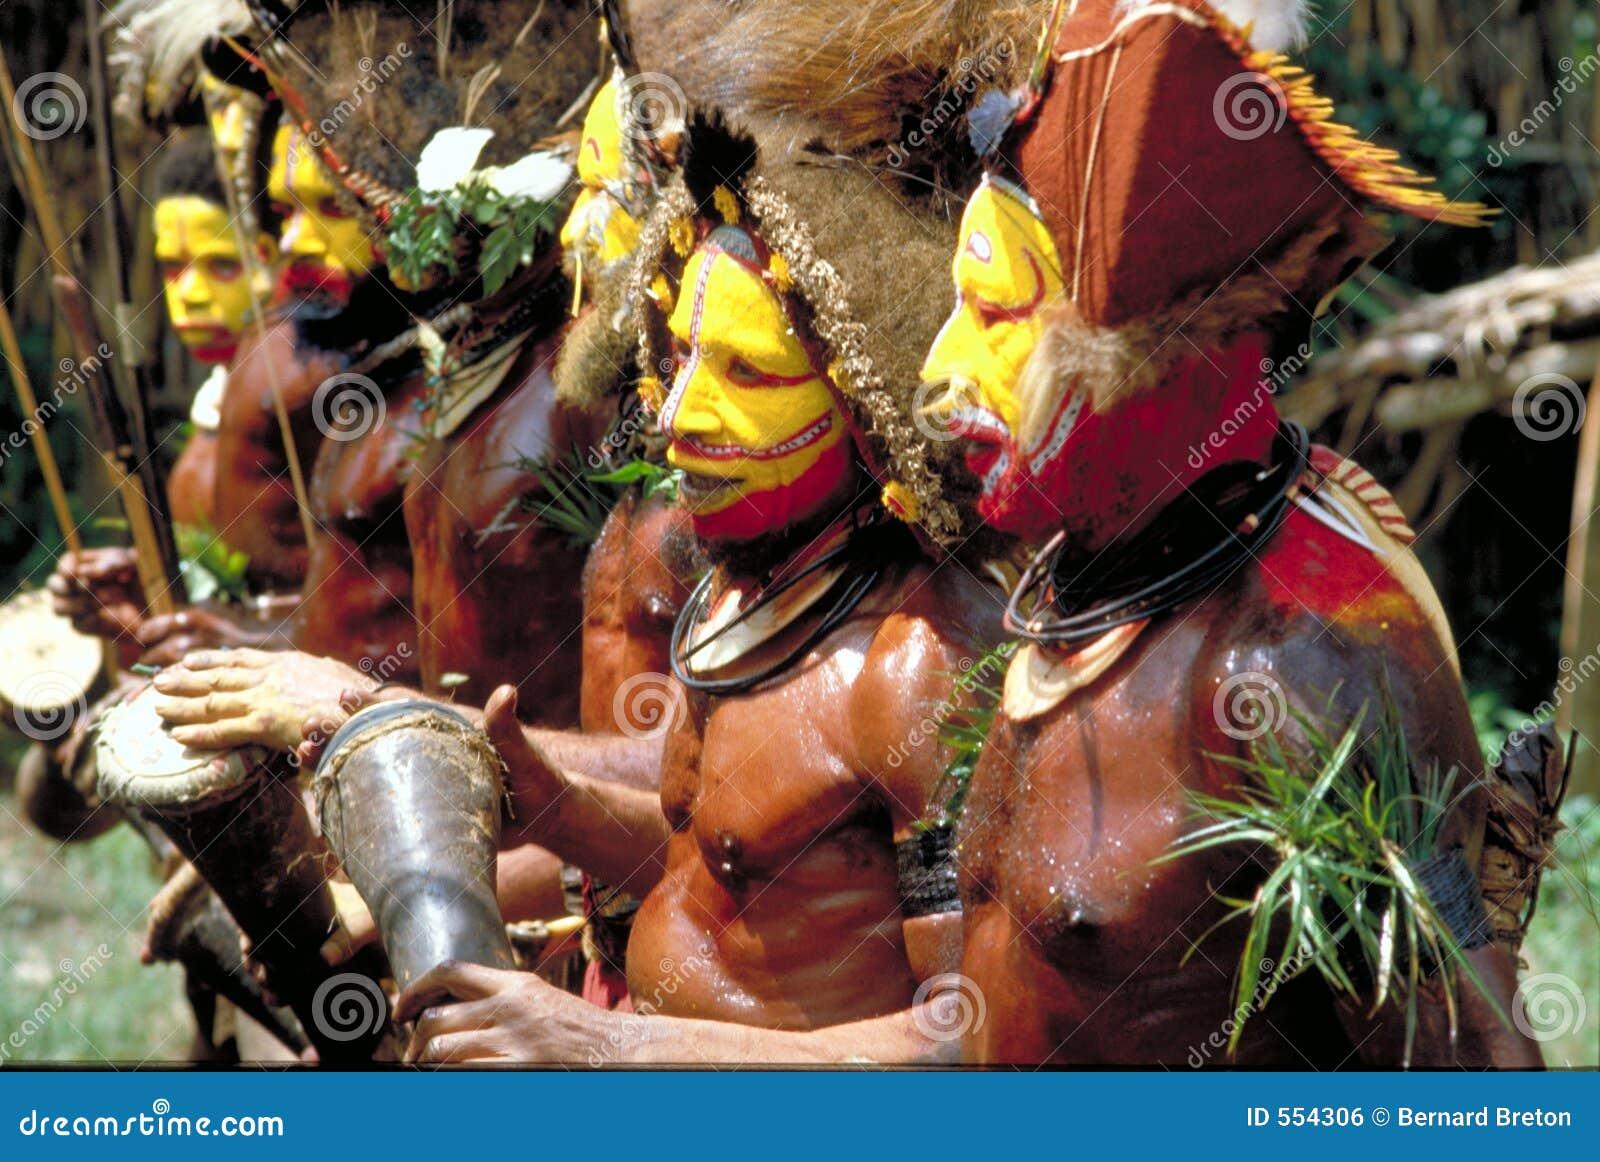 La Papouasie-Nouvelle Guinée, danse